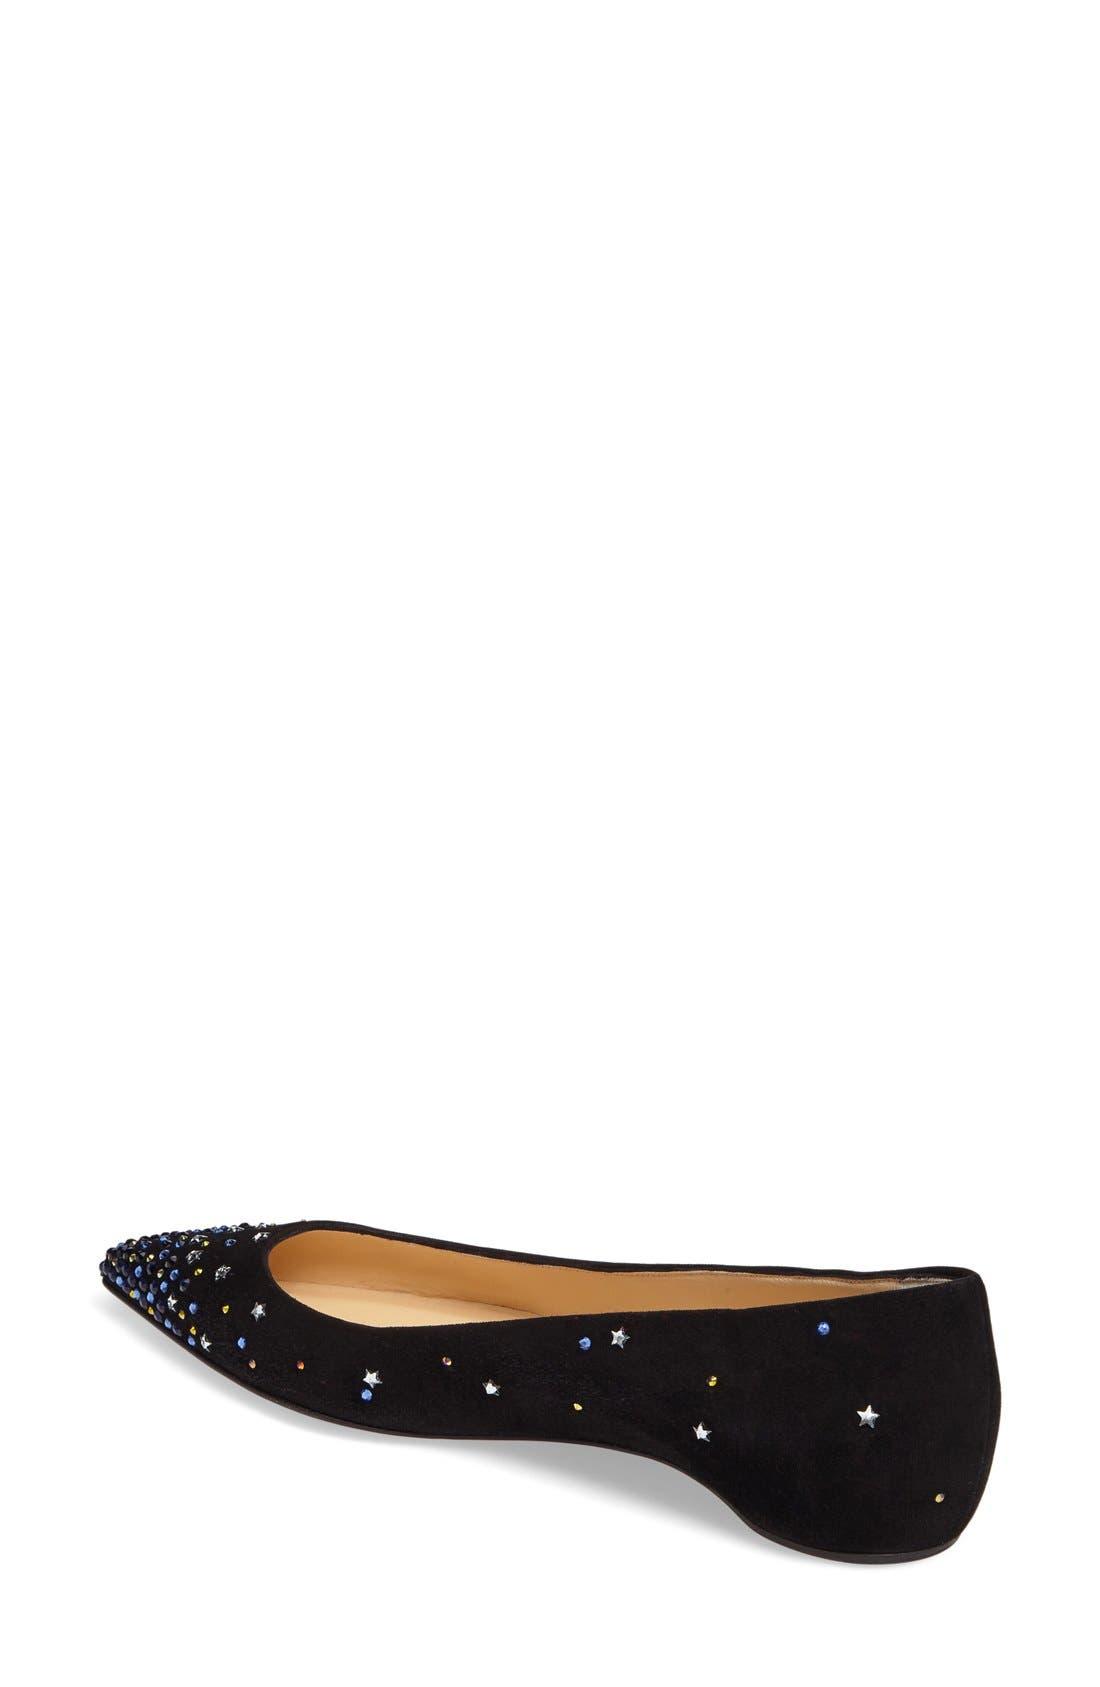 Alternate Image 2  - Christian Louboutin Gravitanita Starry Embellished Flat